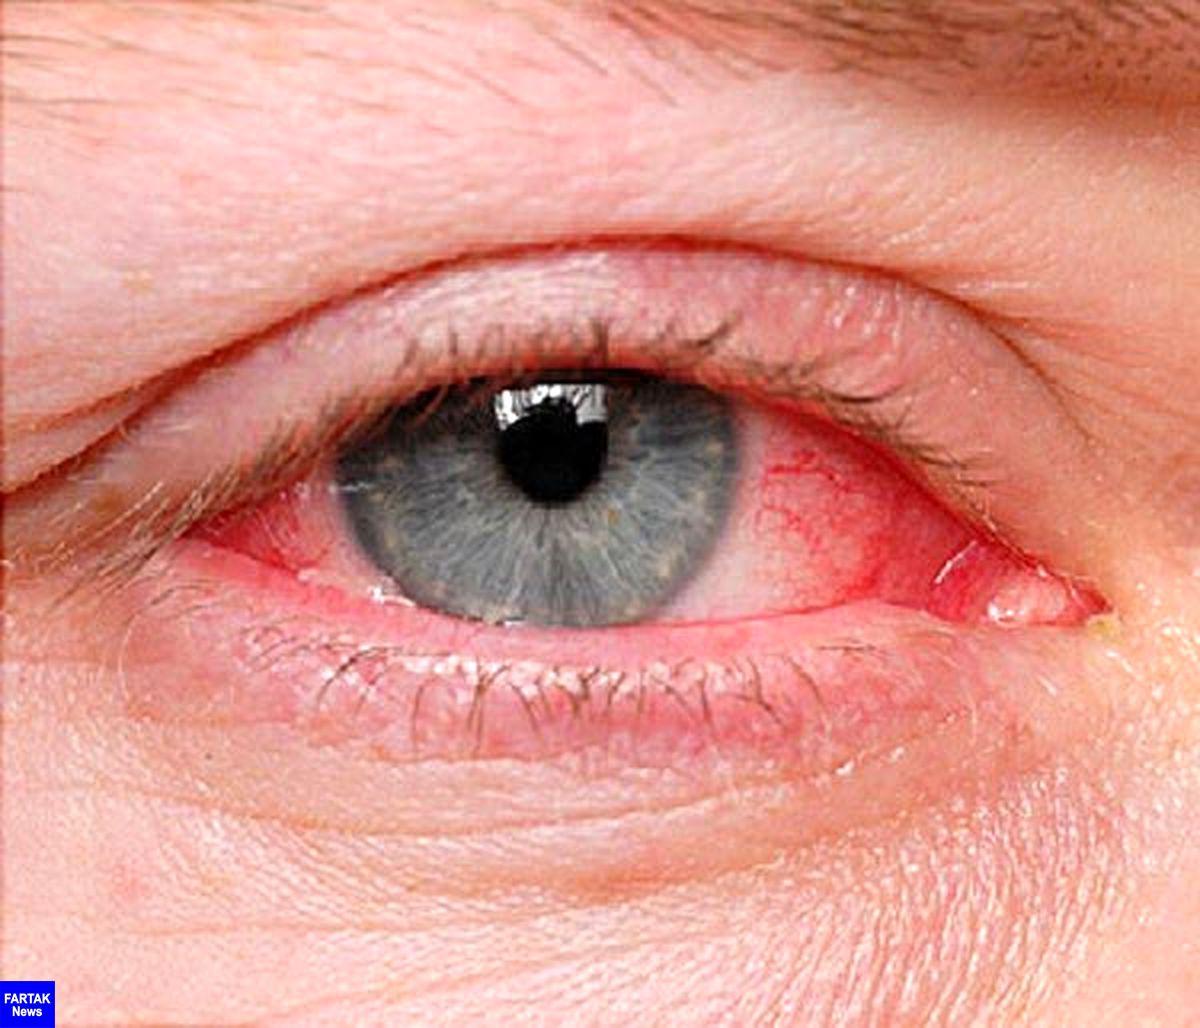 عفونتهای ویروسی، شایعترین بیماری چشم در فصل گرما